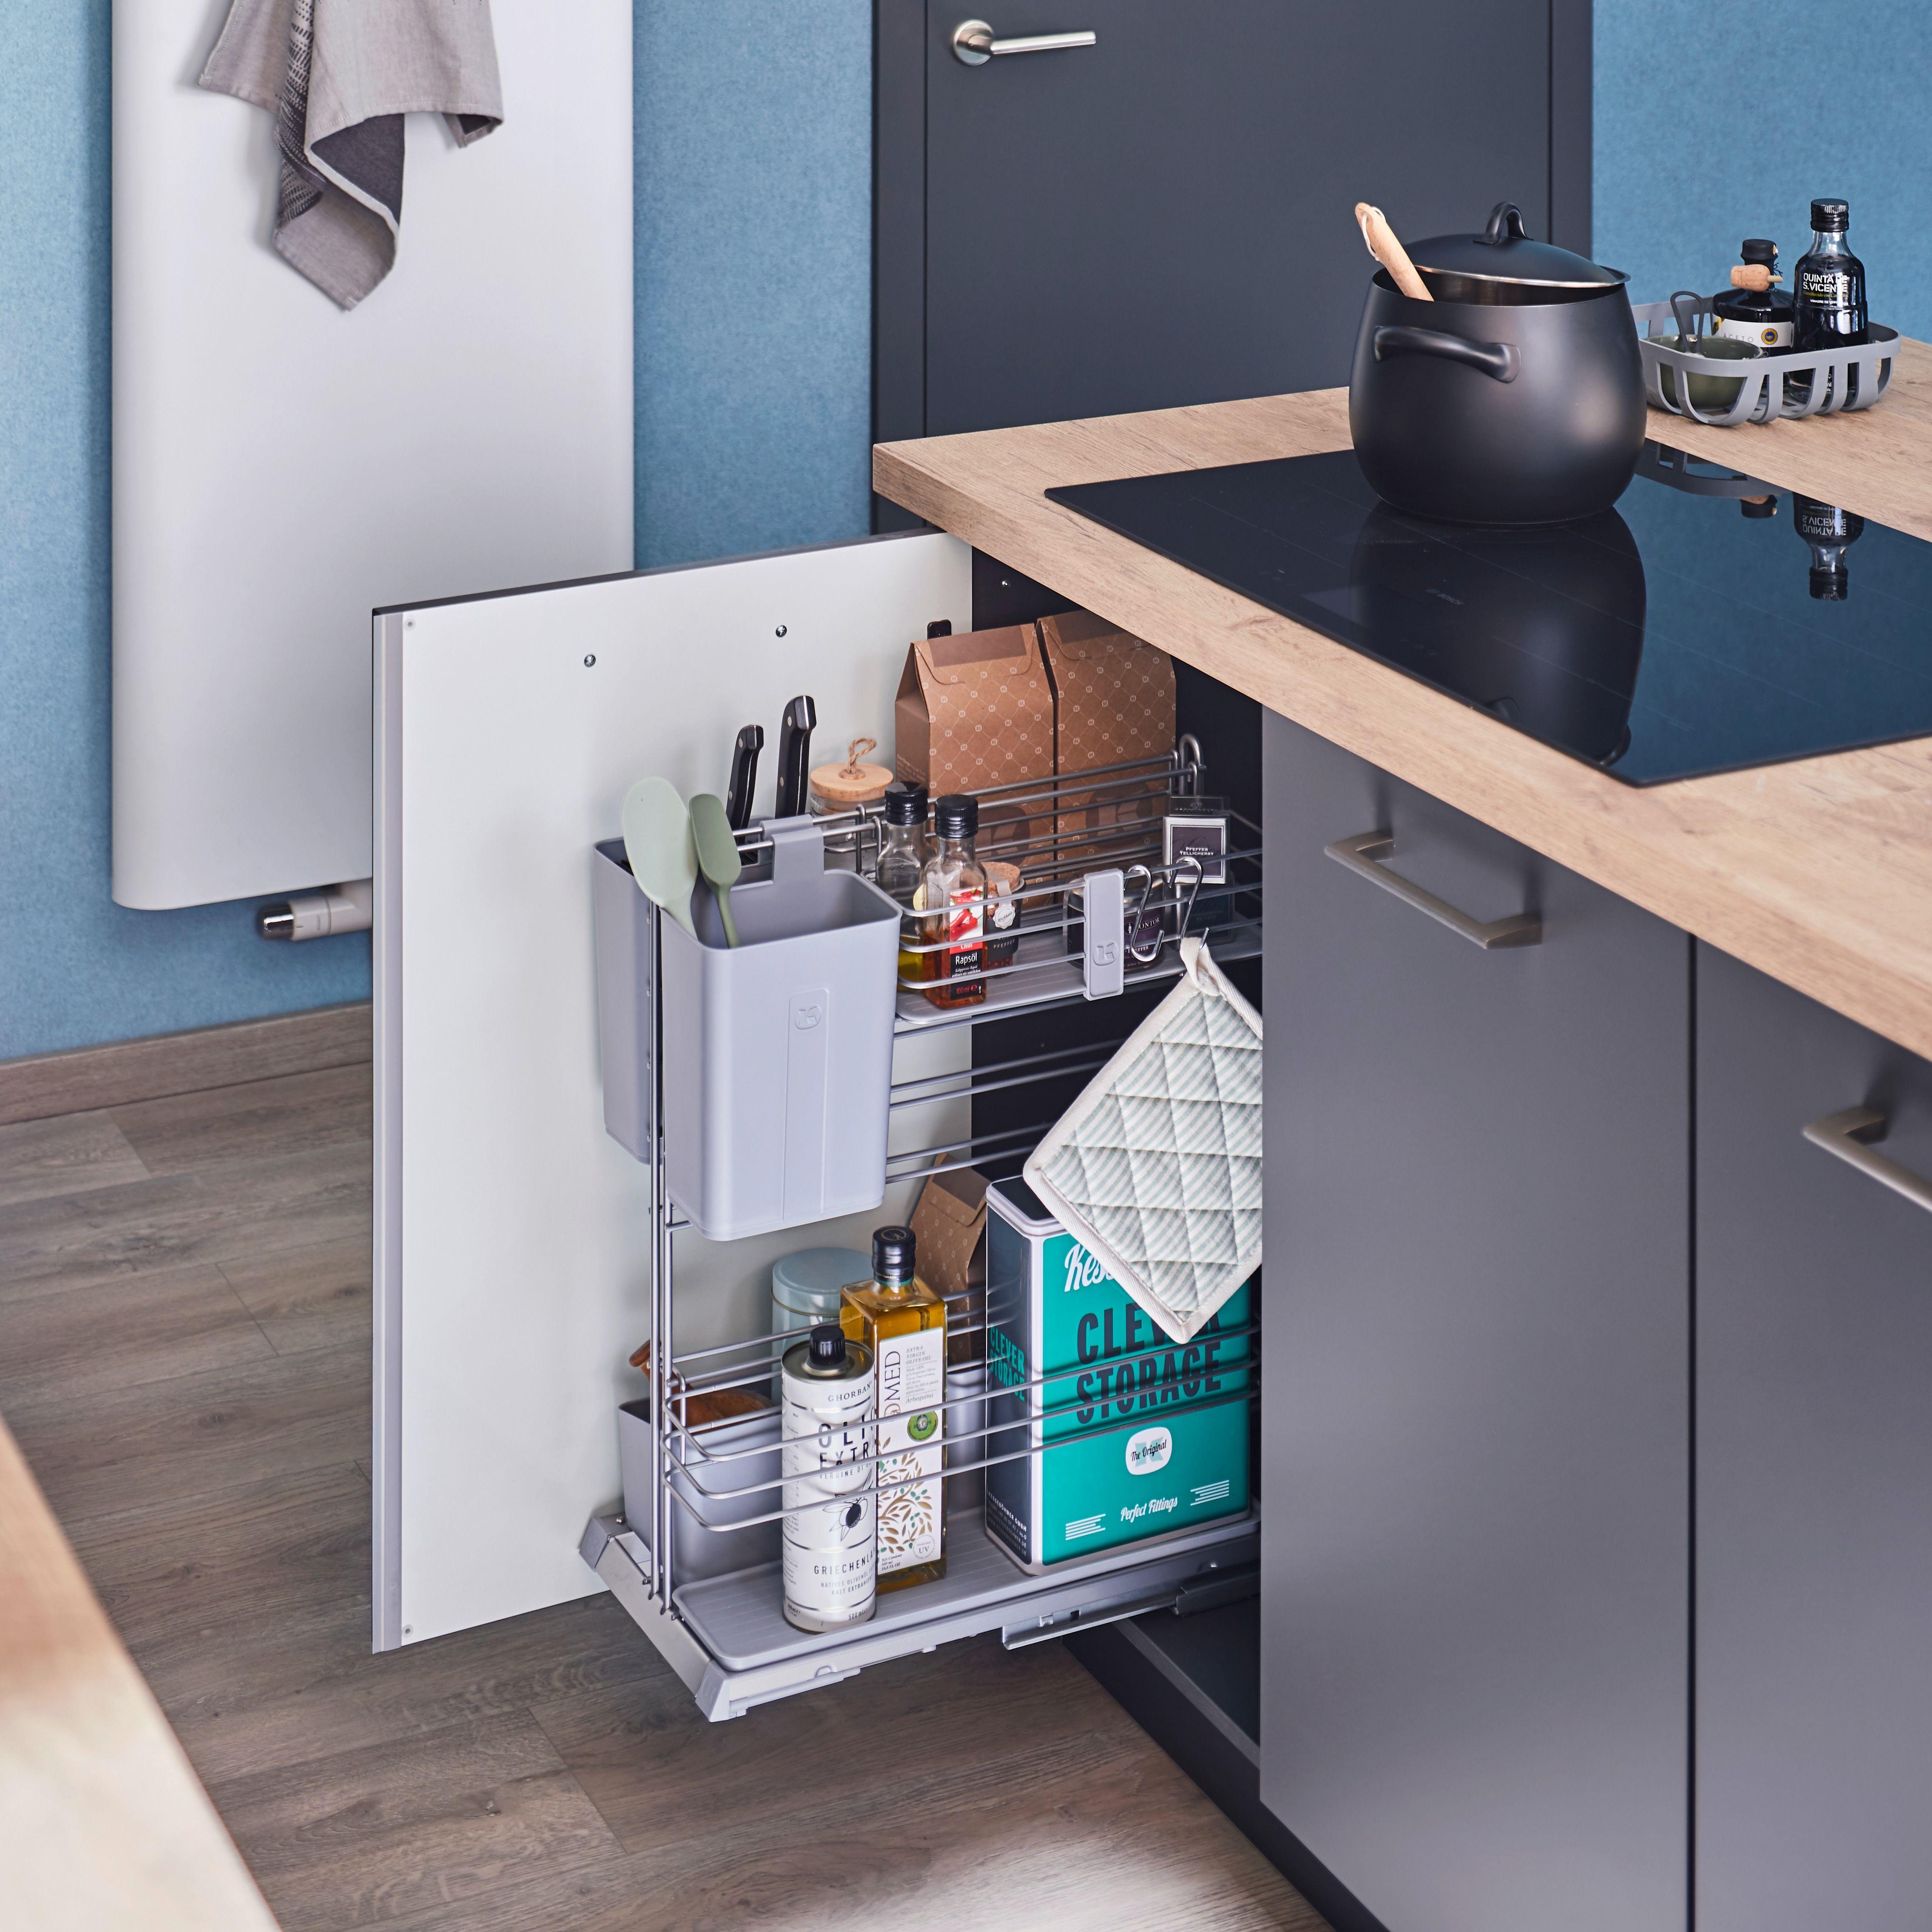 Pin Von Kessebohmer Auf Kitchen Unterschrank Platzsparende Mobel Kuchen Planung